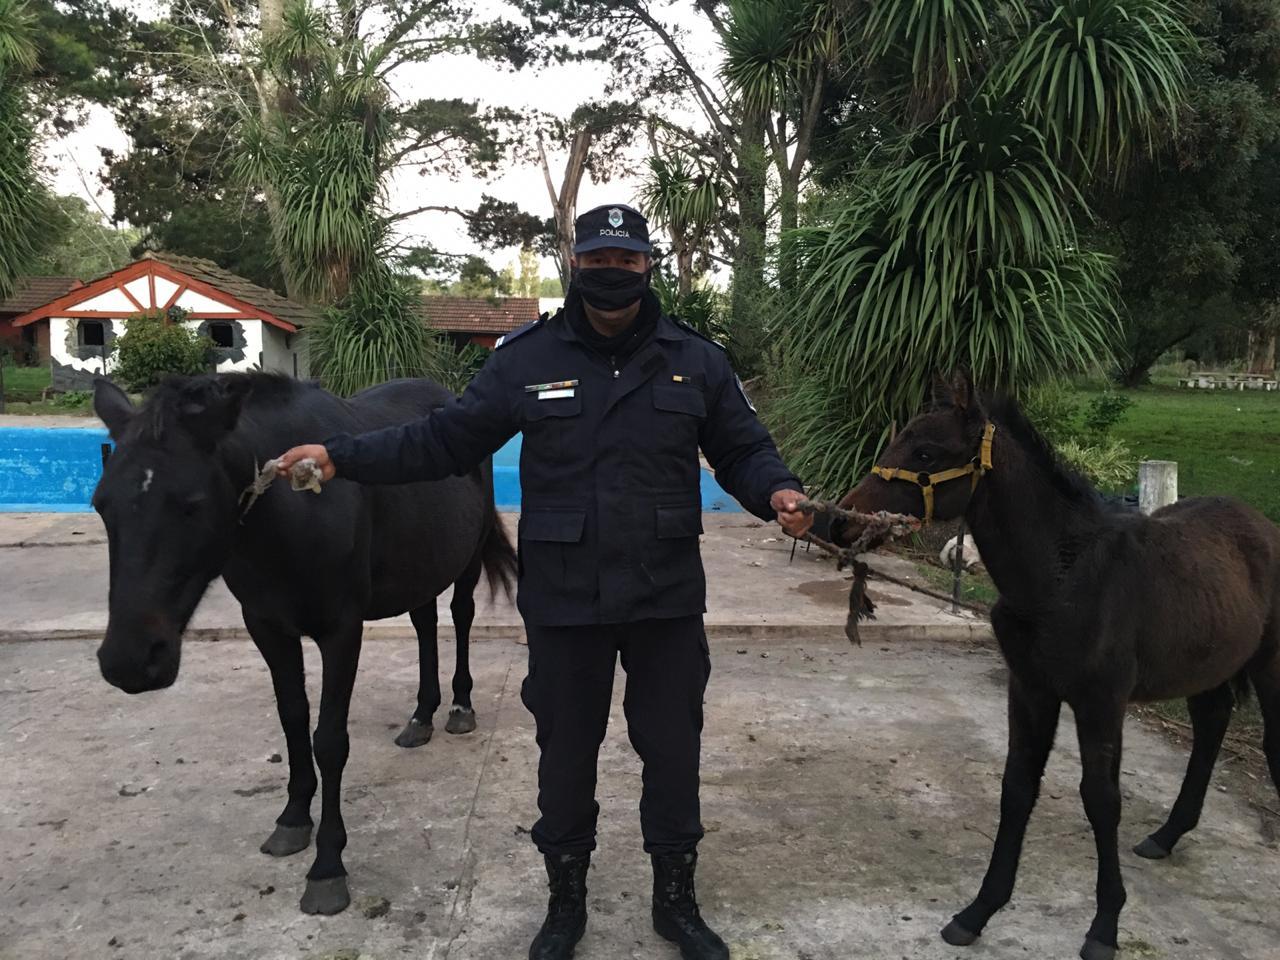 Roban dos caballos, golpean y amenazan al dueño